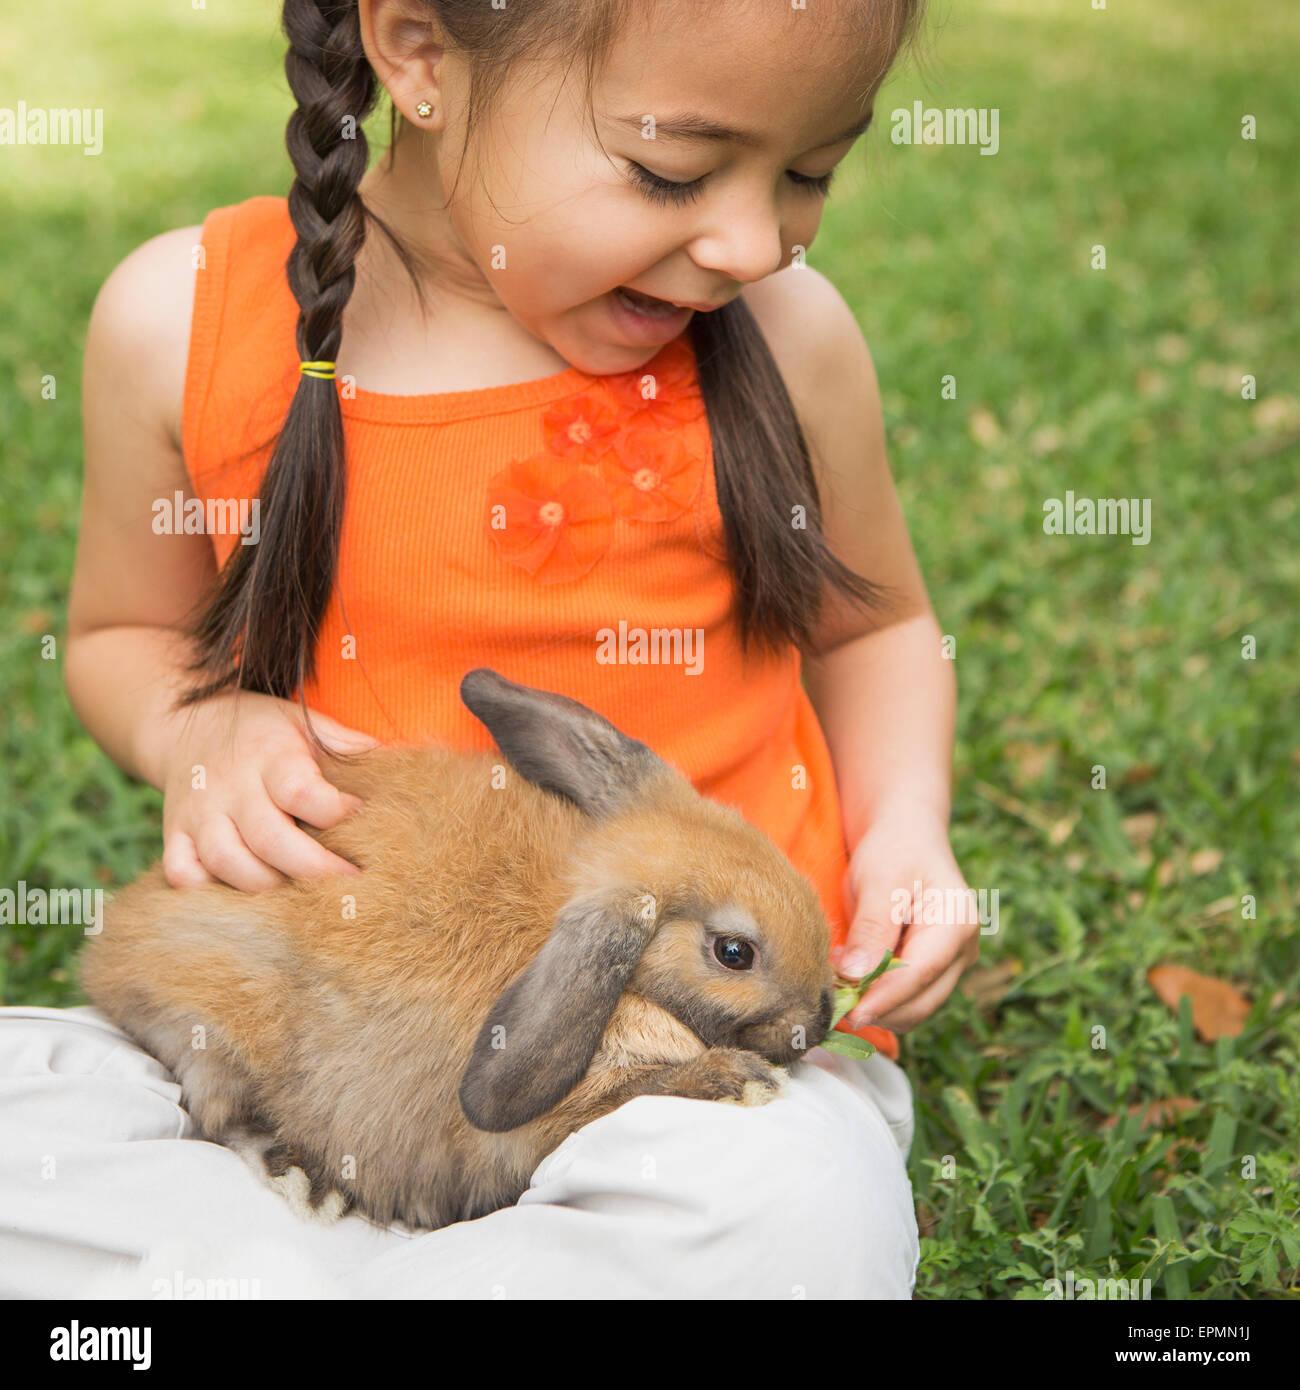 Un niño con un conejo marrón en su regazo. Imagen De Stock